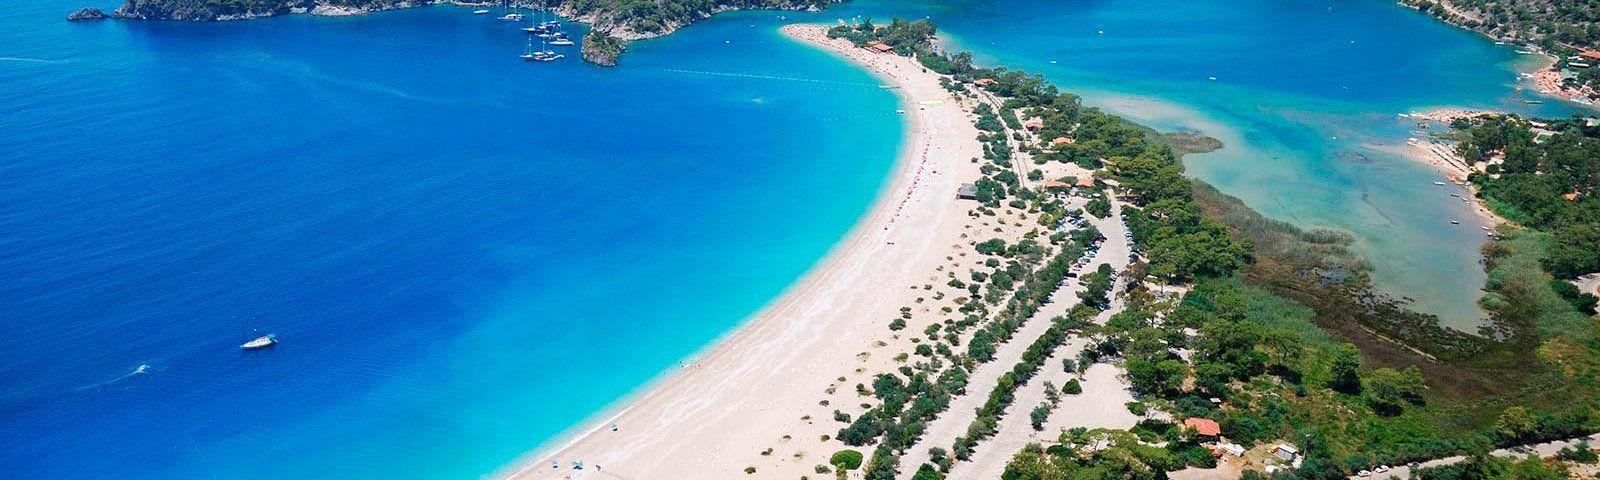 viaje-goleta-turquia-playas